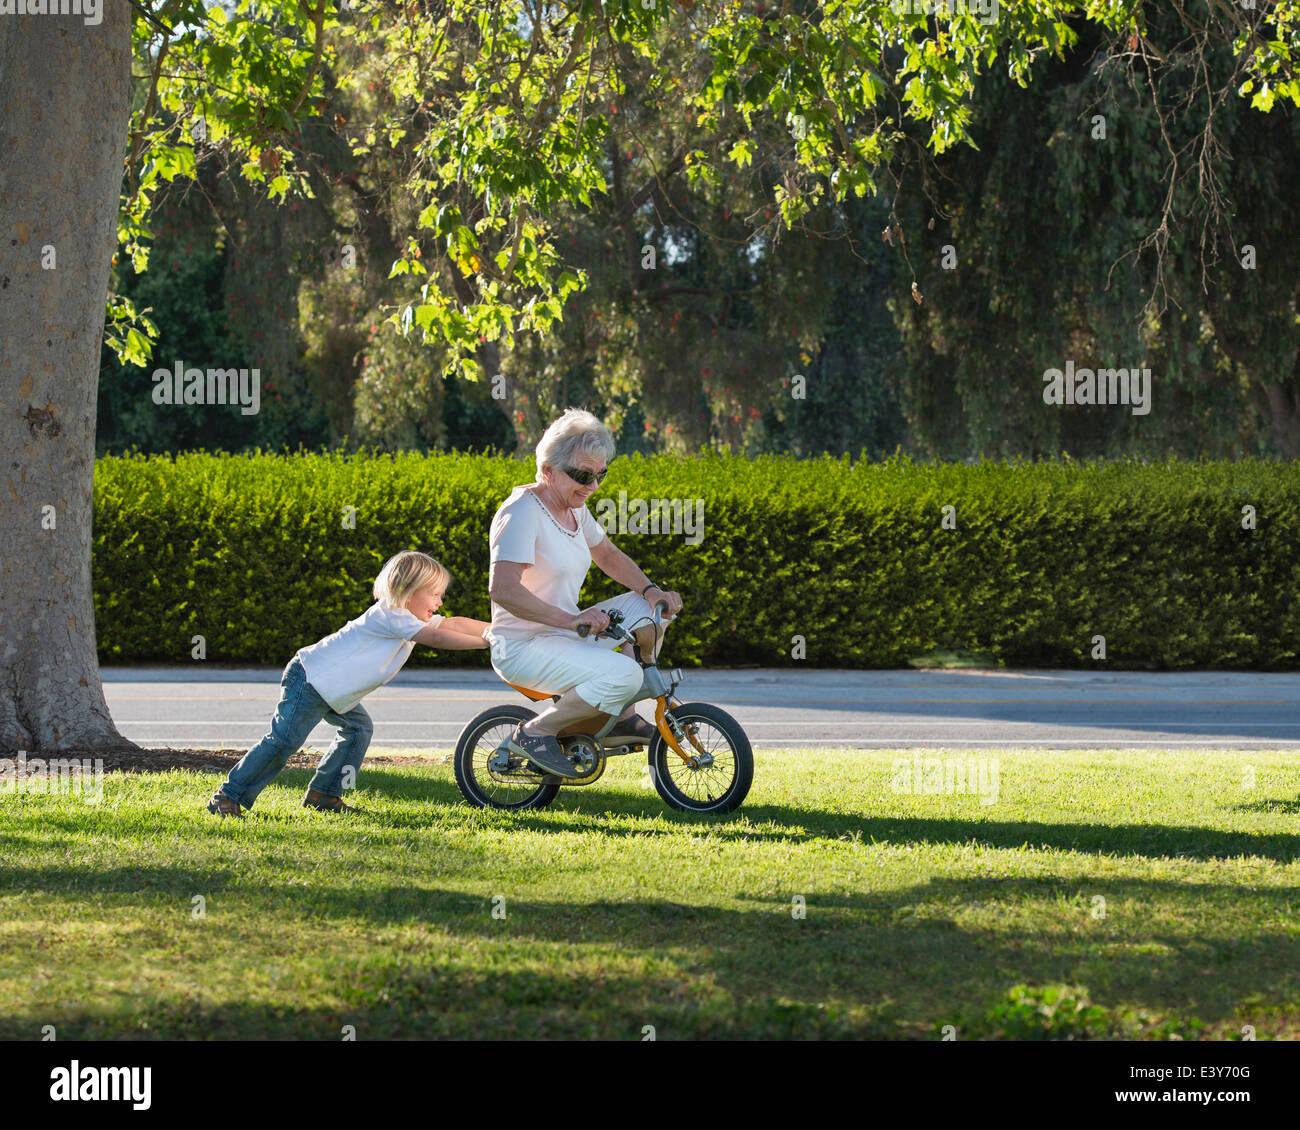 Tres años abuela niño empujando sobre ciclo en estacionamiento Imagen De Stock